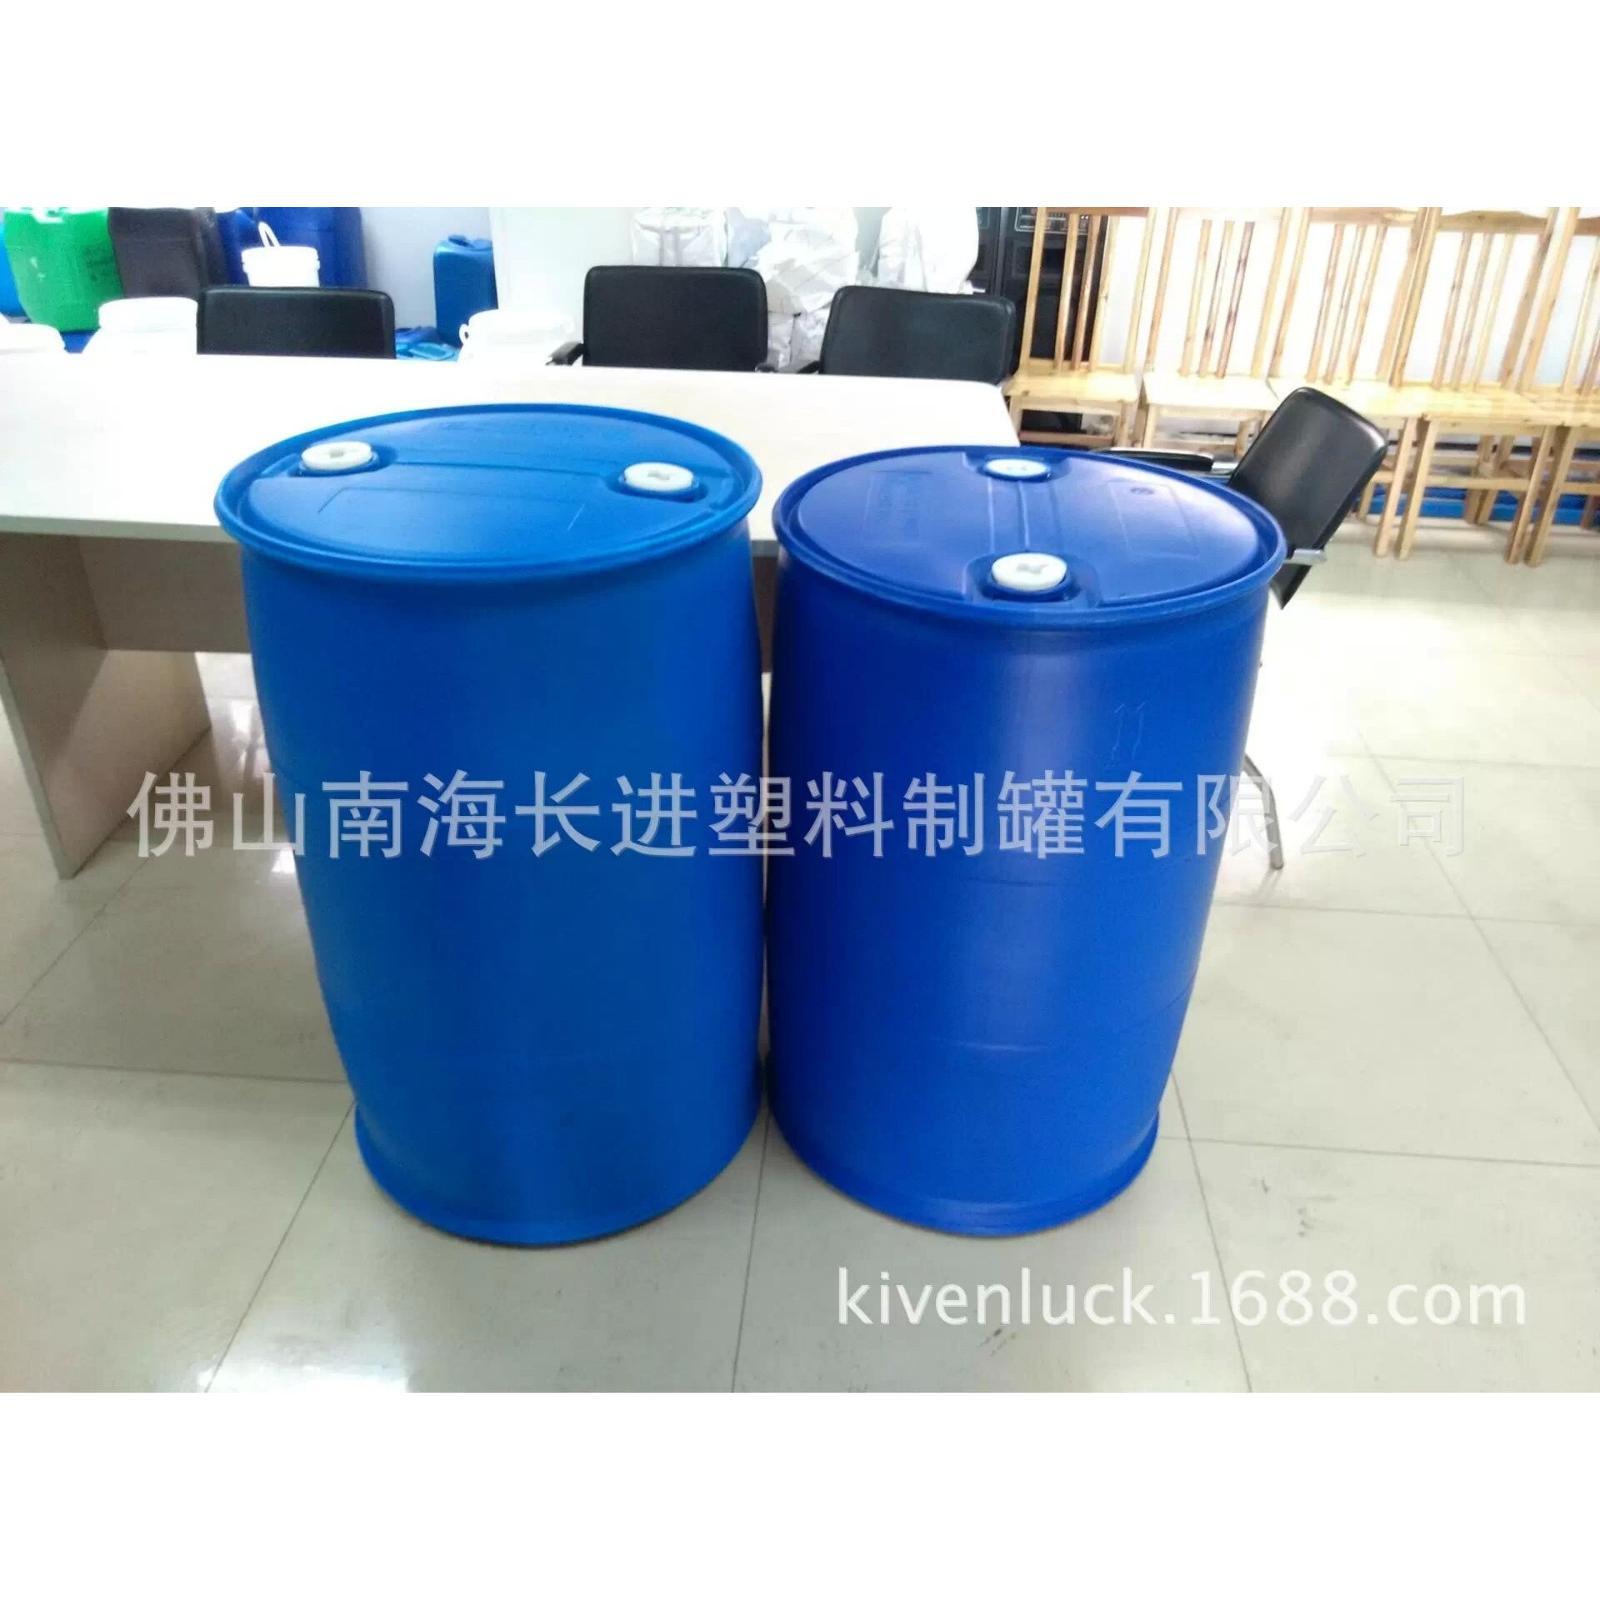 供应200l双环塑料桶 200l蓝色化工桶